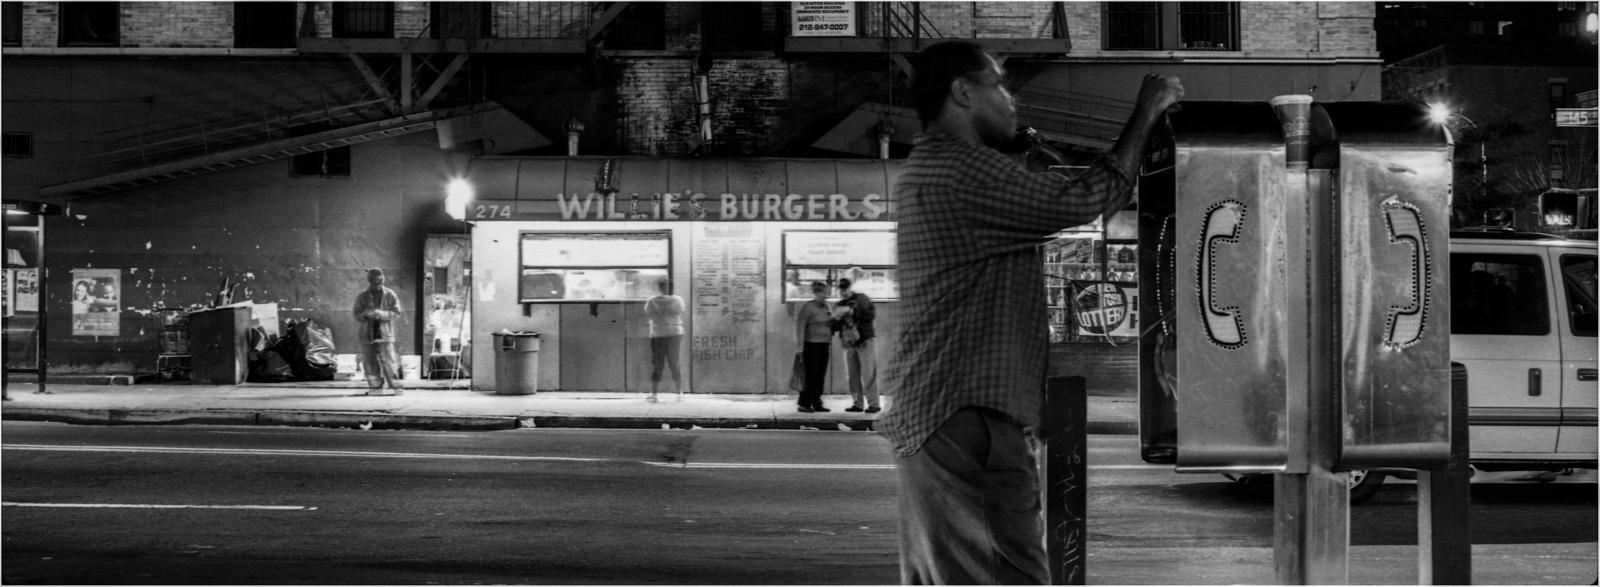 Willie's Corner August 2002